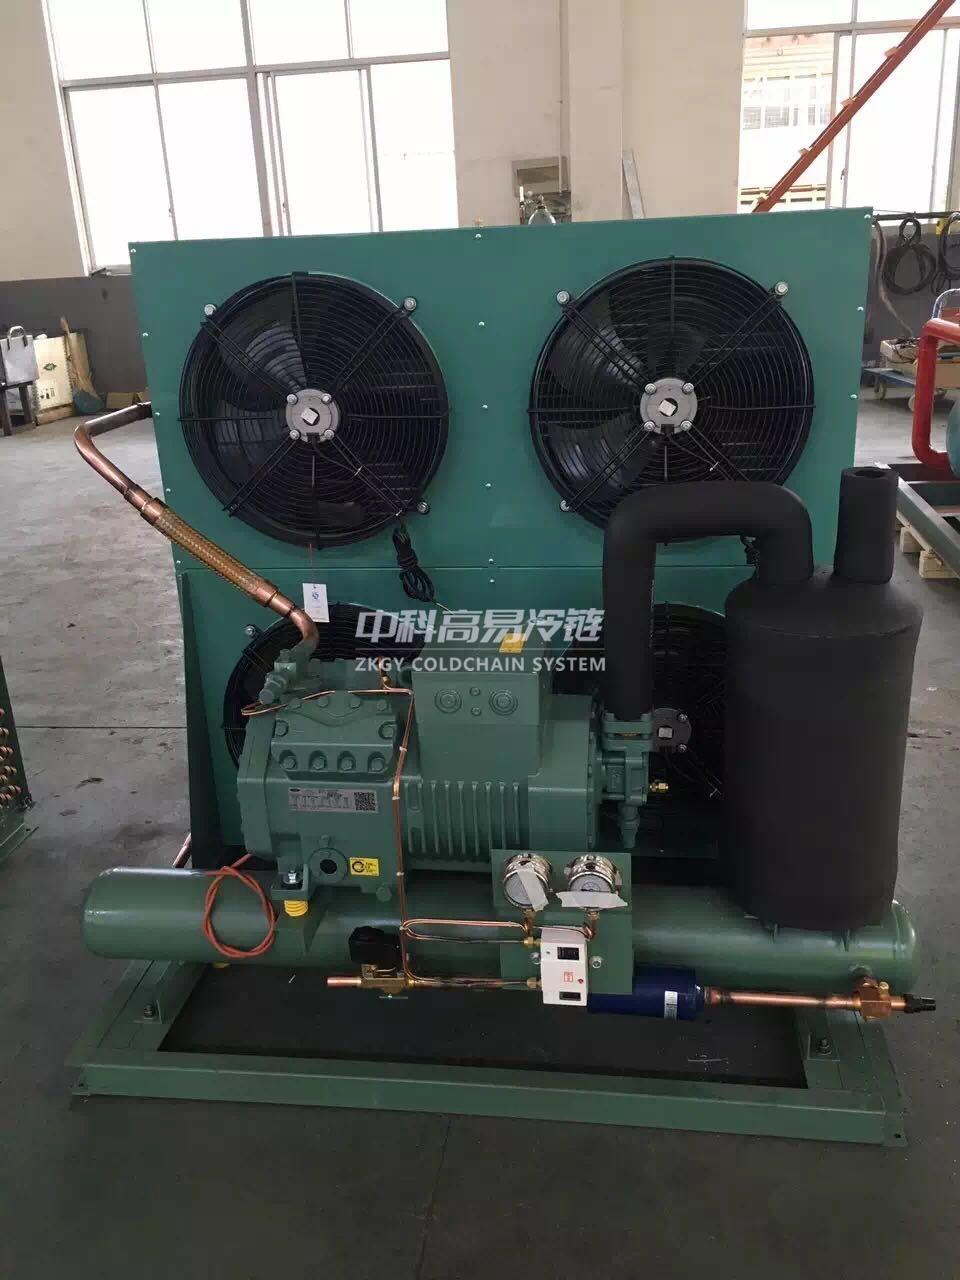 半封闭风冷式机组--常州冷库设计|冷藏冷库工程|常州保鲜冷库建设|冷库建造_中科高易冷链系统(江苏)有限公司